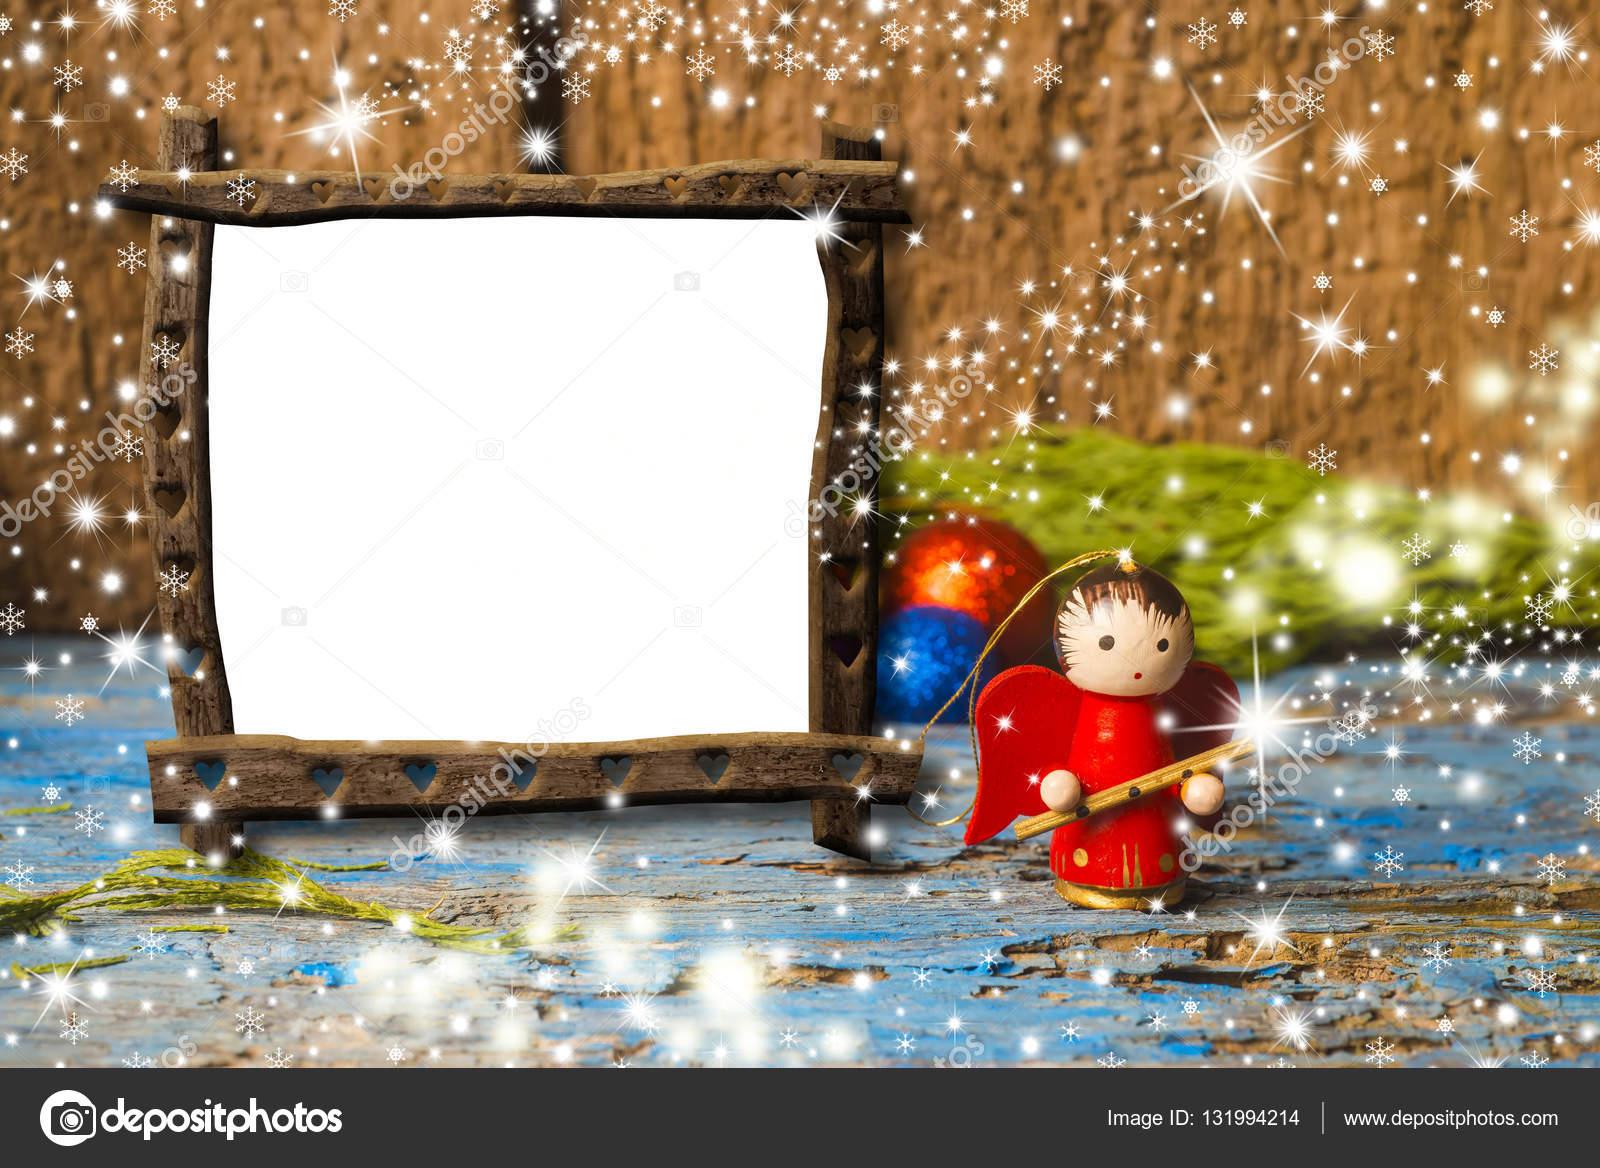 Weihnachten Fotorahmen.Weihnachten Leeren Rahmen Musiker Angel Stockfoto Risia 131994214